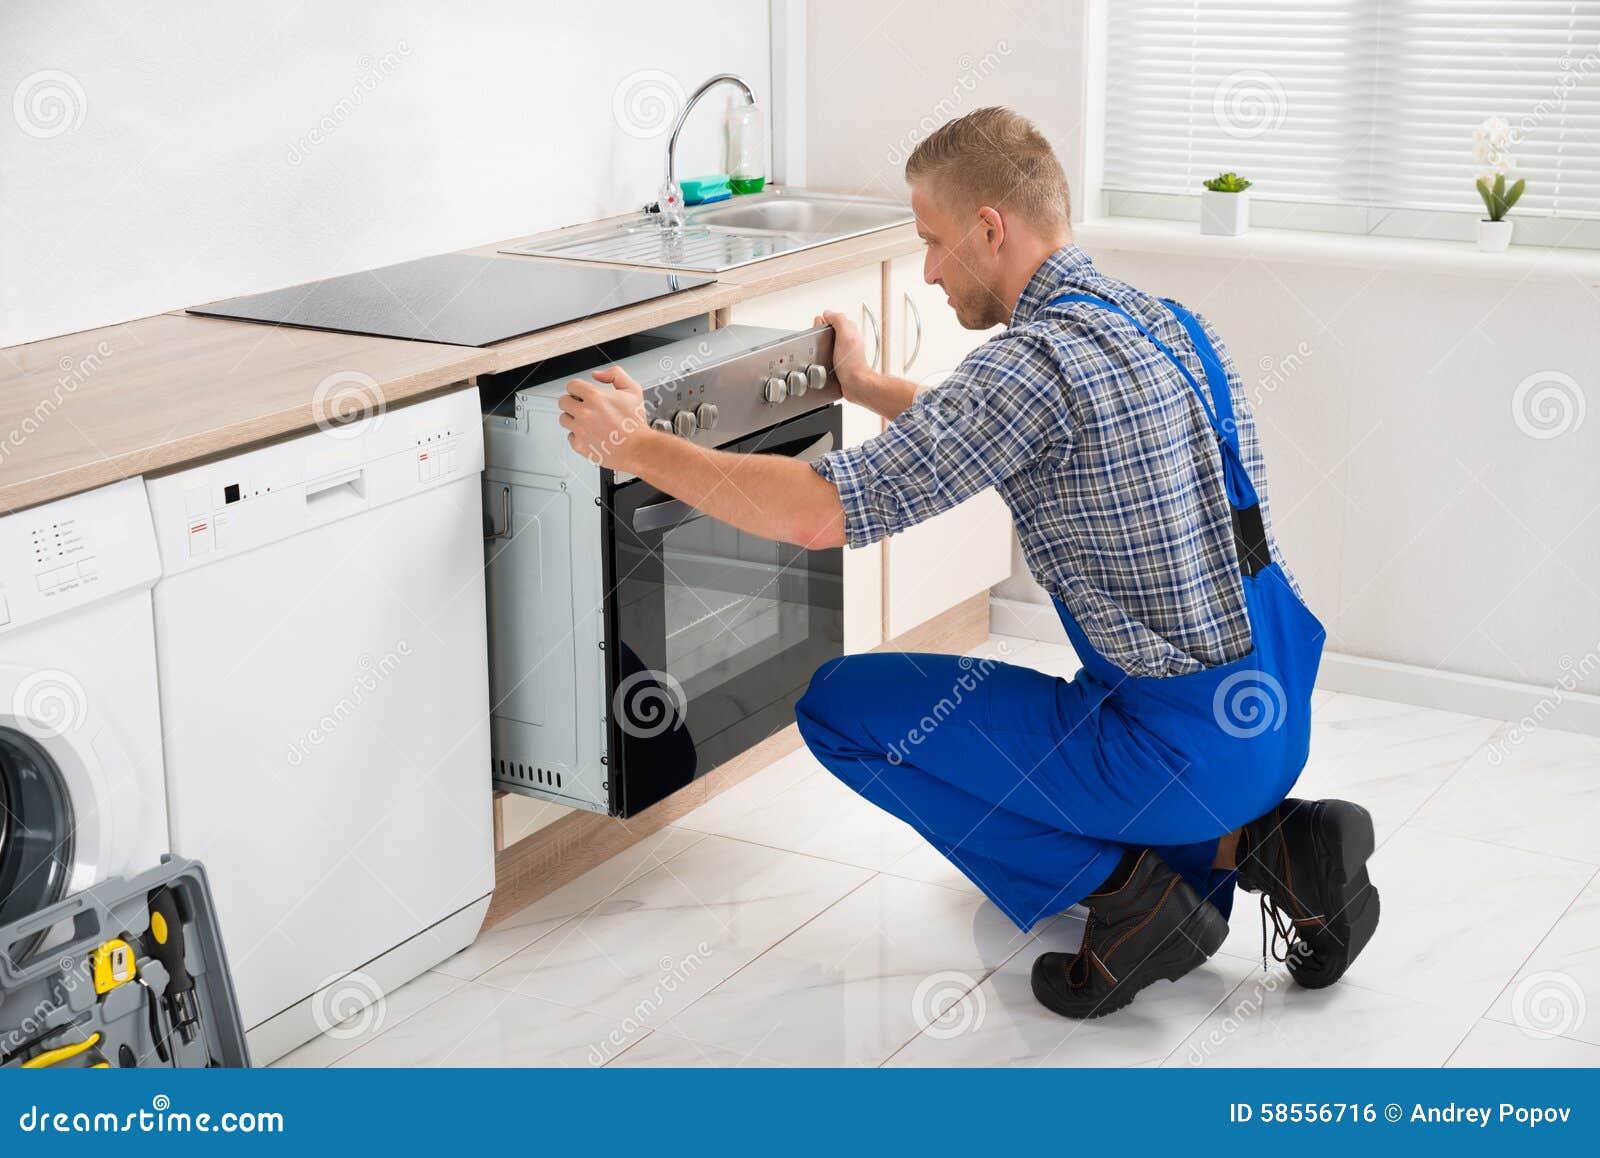 Schlosser Repairing Oven